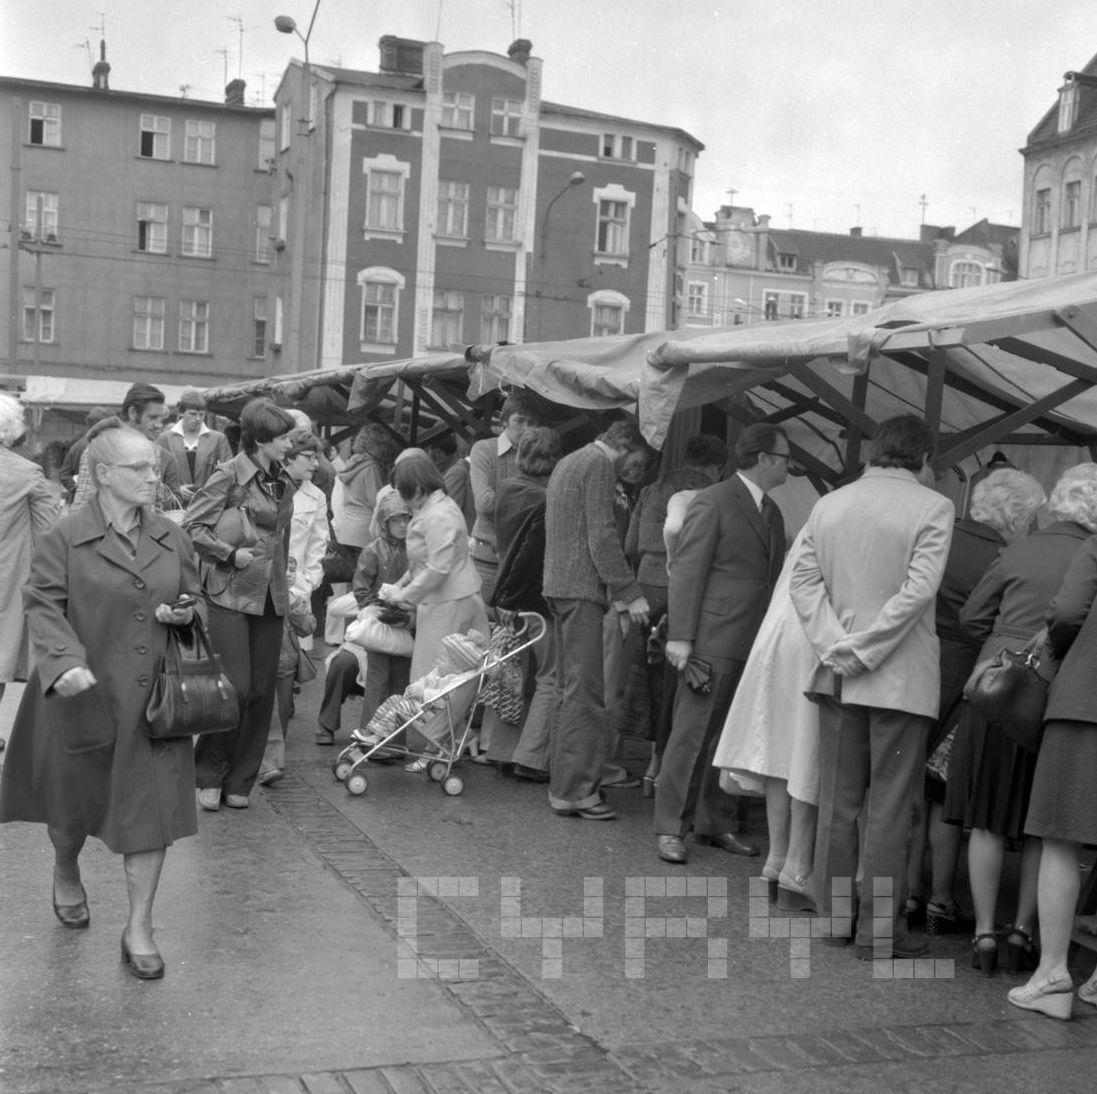 Stragany na Rynku Jeżyckim - 27.08.1978  Foto: Stanisław Wiktor / Cyryl